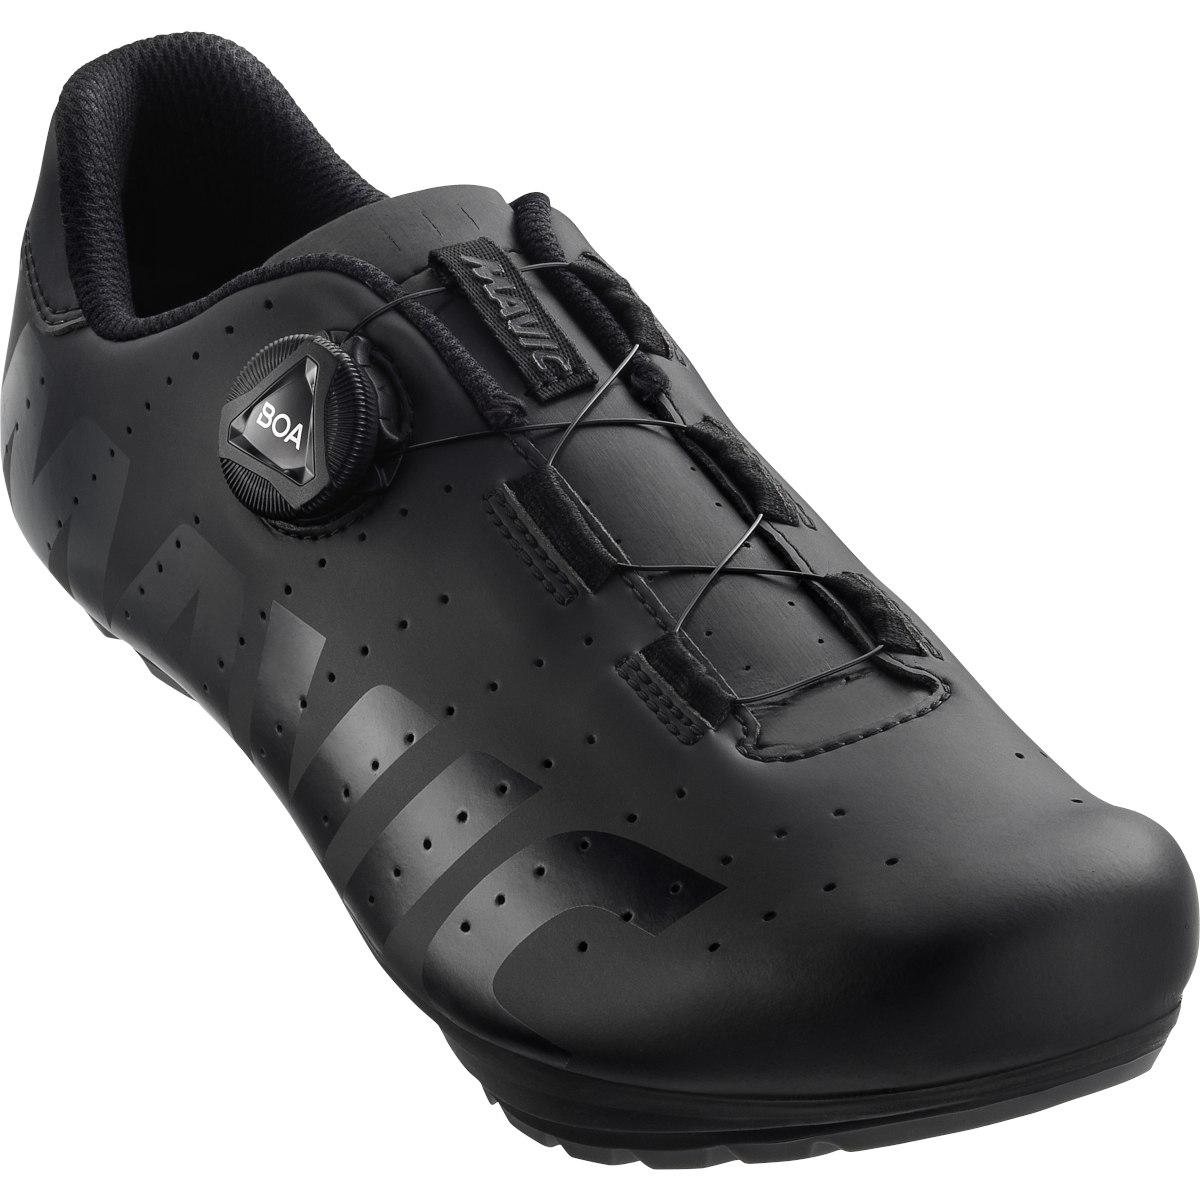 Mavic Cosmic Boa SPDAllround Shoe - black/black/black